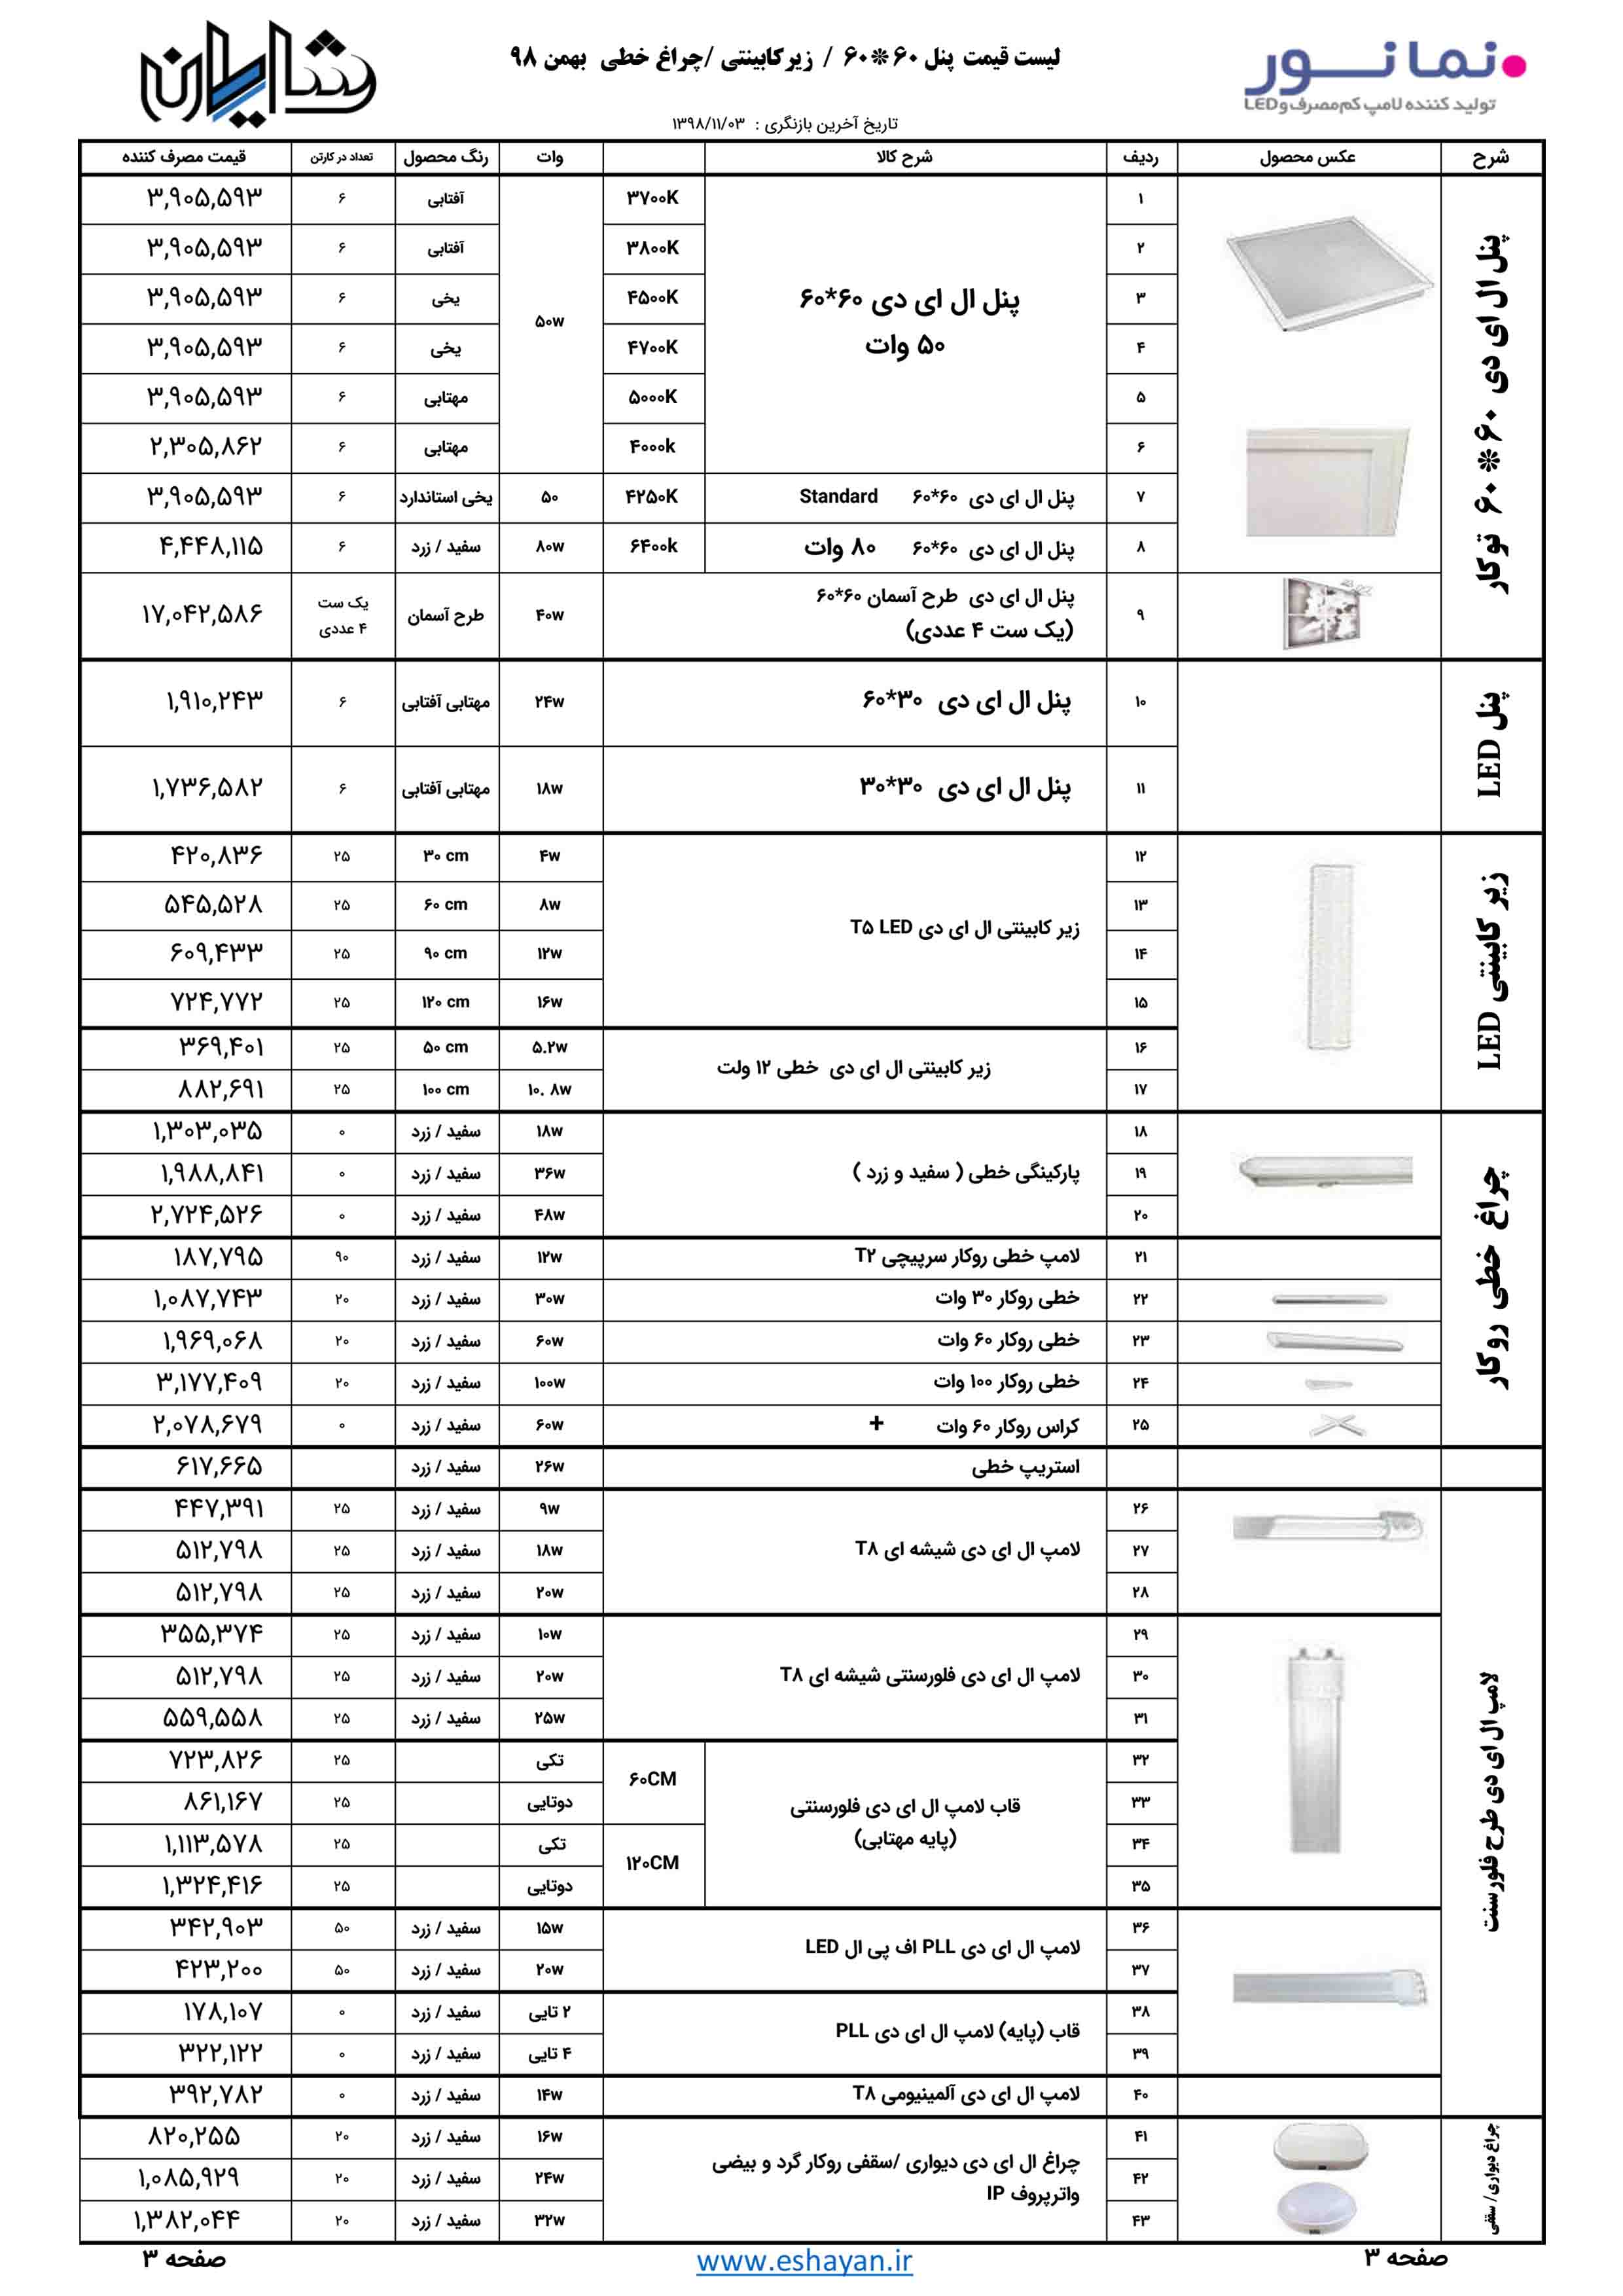 لیست قیمت نمانور (هالی استار)